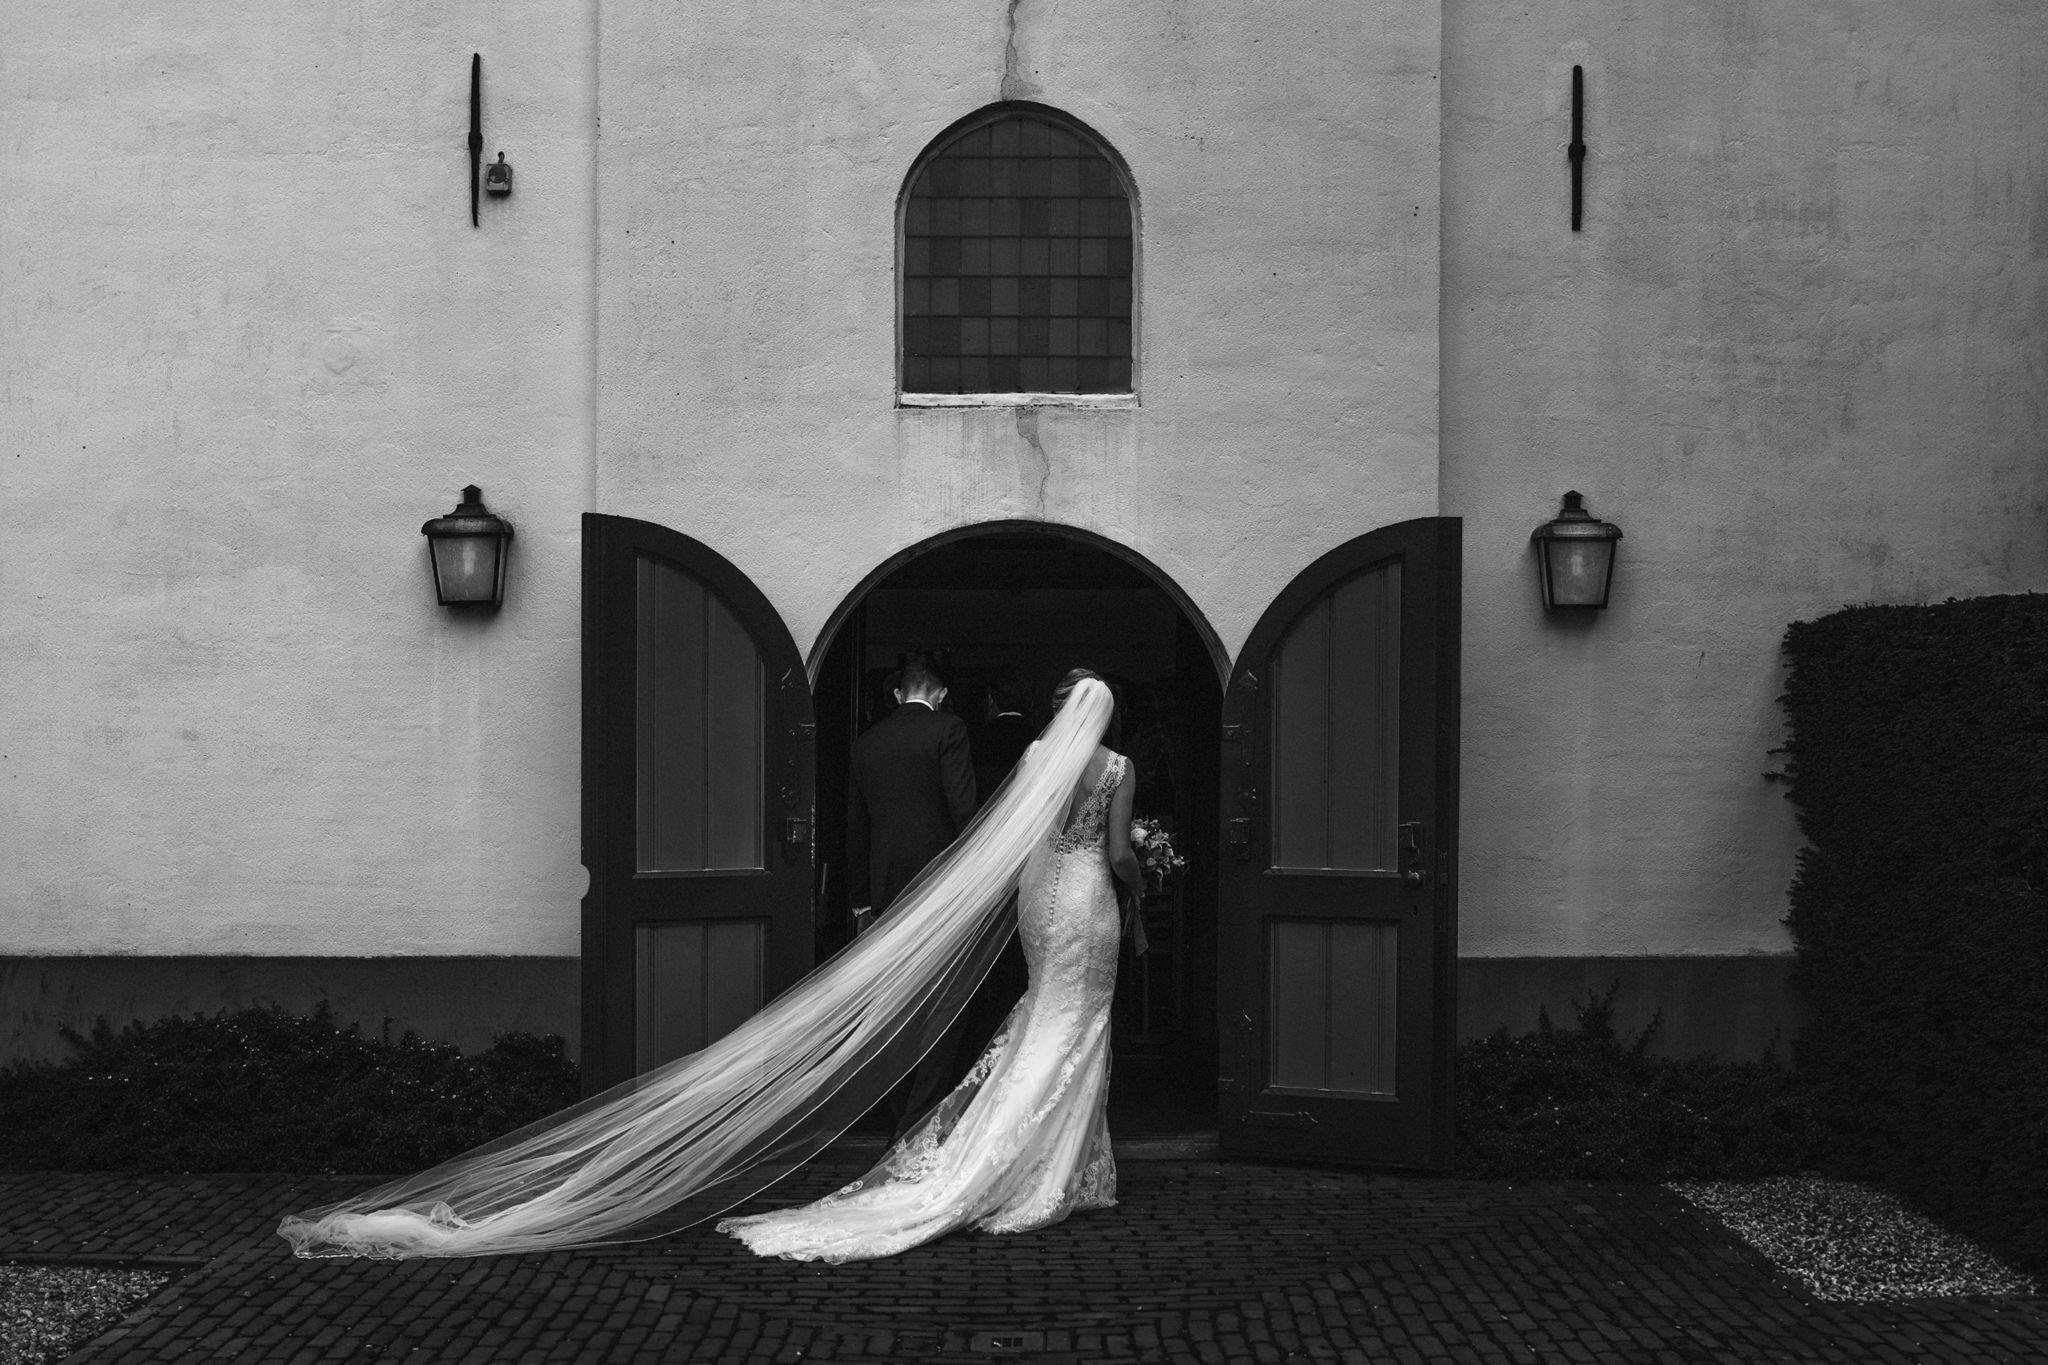 De sluier van een bruid hangt sierlijk op de grond terwijl ze met haar vader de ceremonie betreed